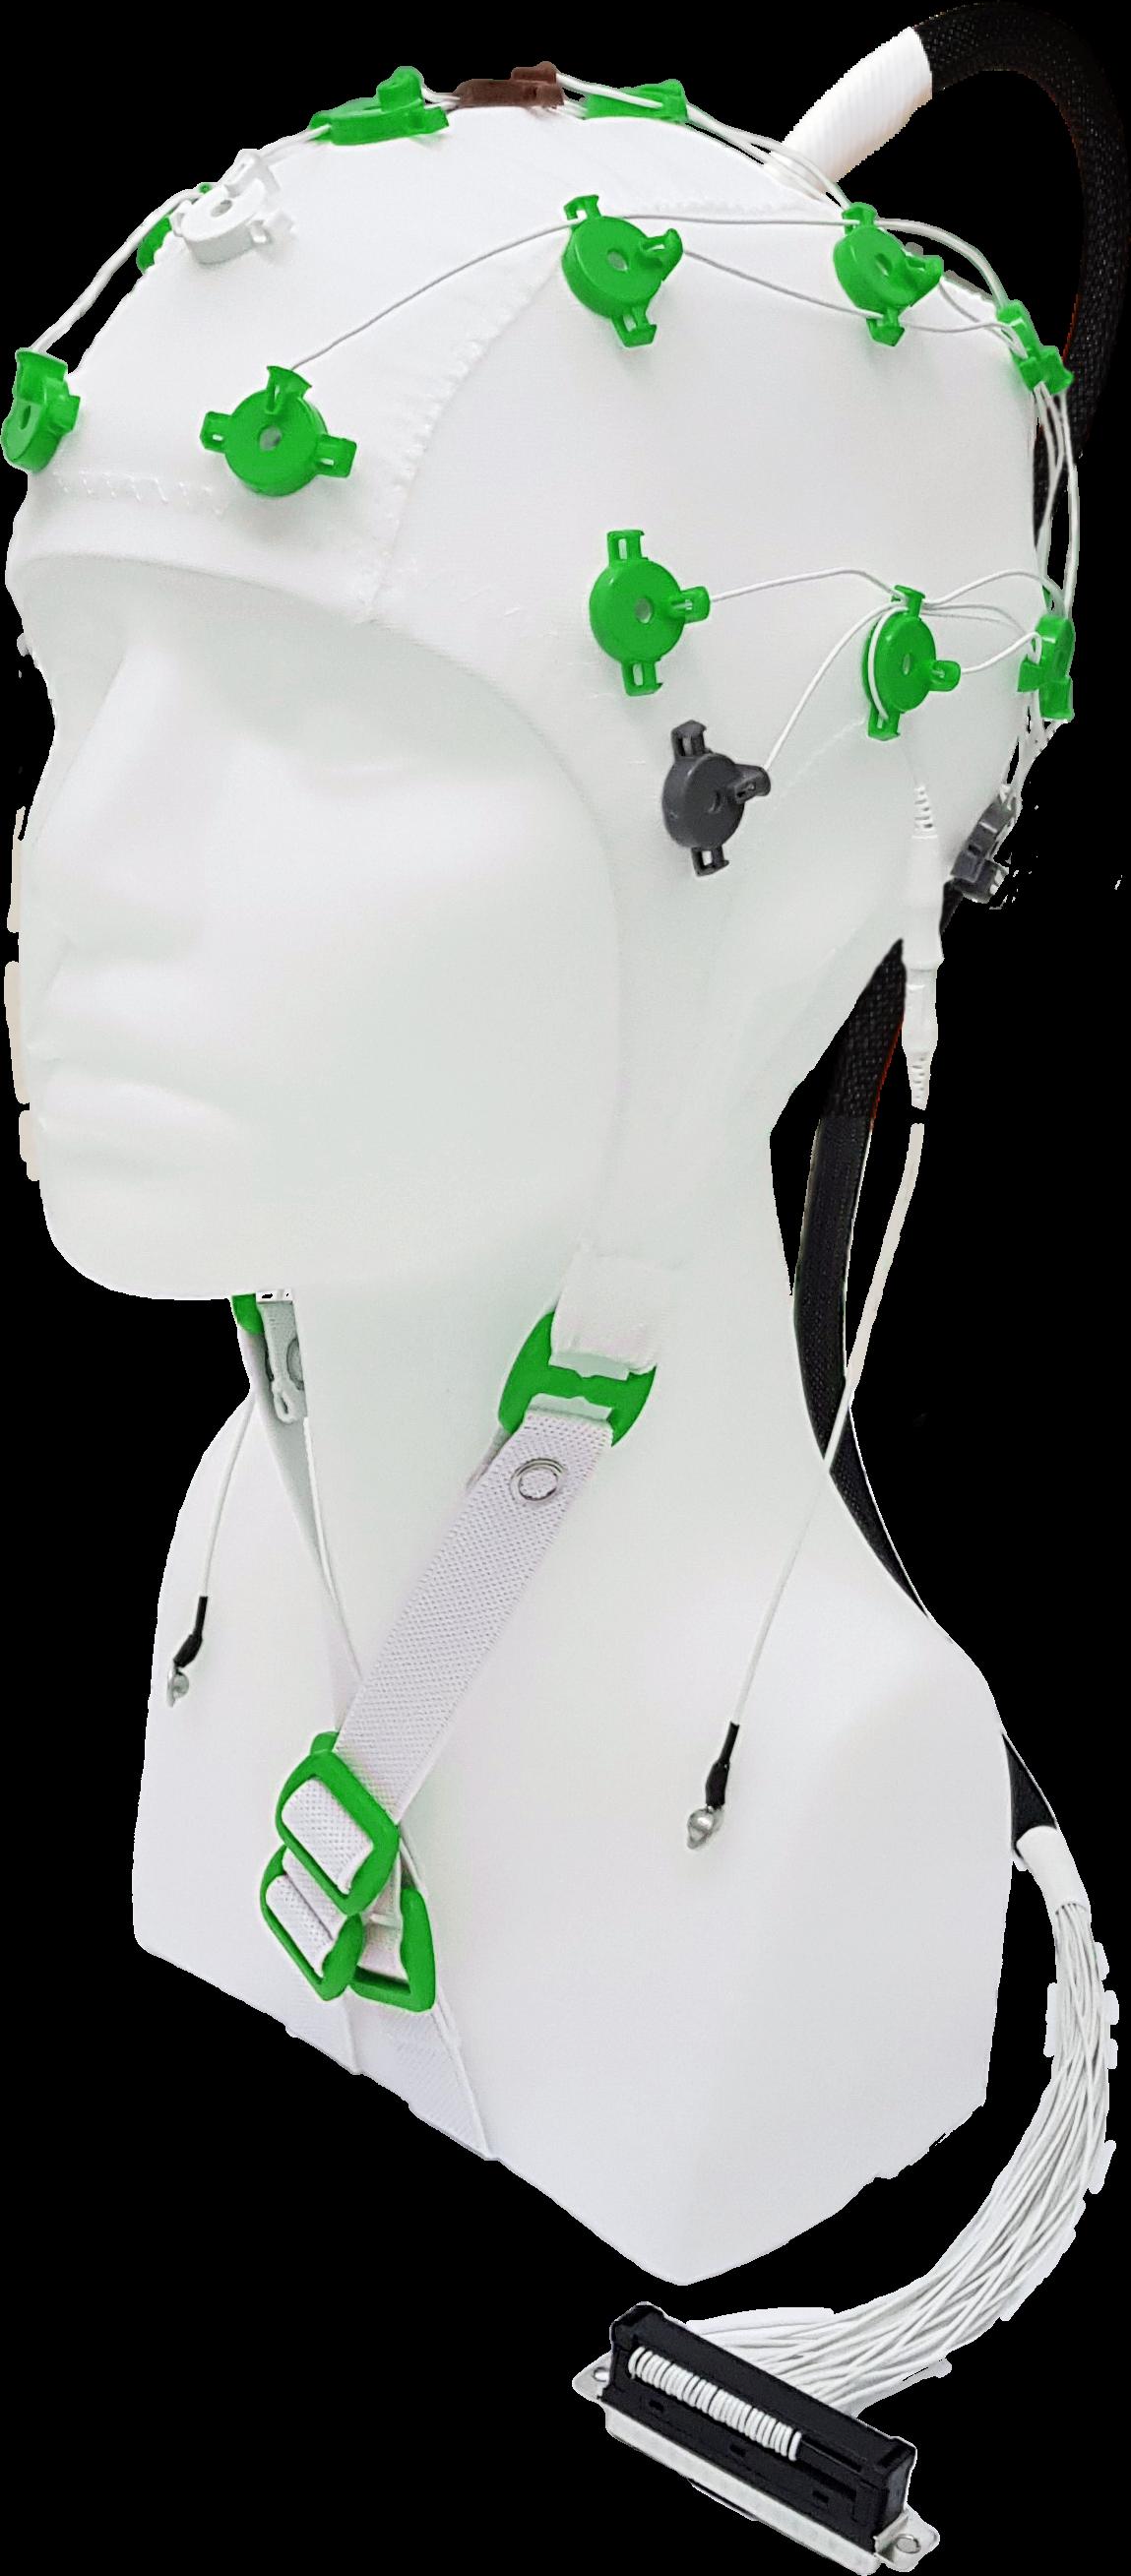 EEG čepice FlexiCAP UP 19+6 kanálů - nový IFCN standard: XS (47 – 51) cm, zelená, NEOBSAHUJE KABEL PRO PŘIPOJENÍ 45-893